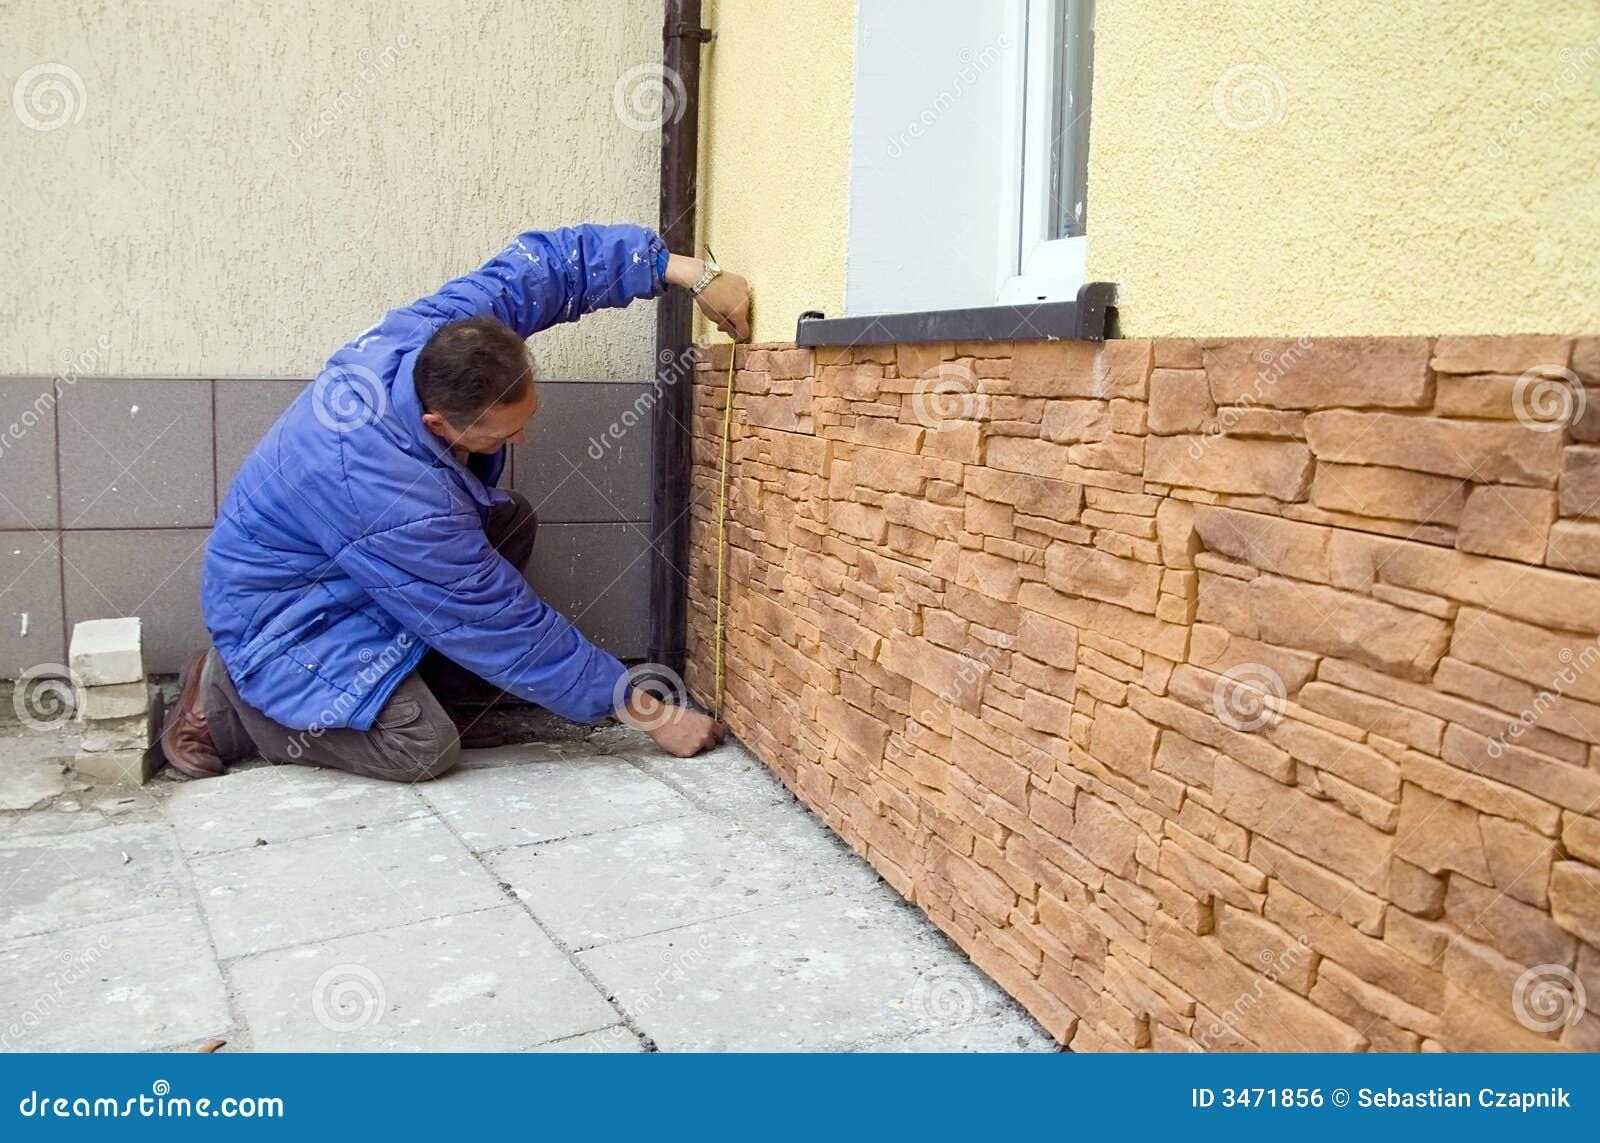 Azulejos de la piedra arenisca foto de archivo imagen de construcci n casero 3471856 - Construccion casa de piedra precio ...